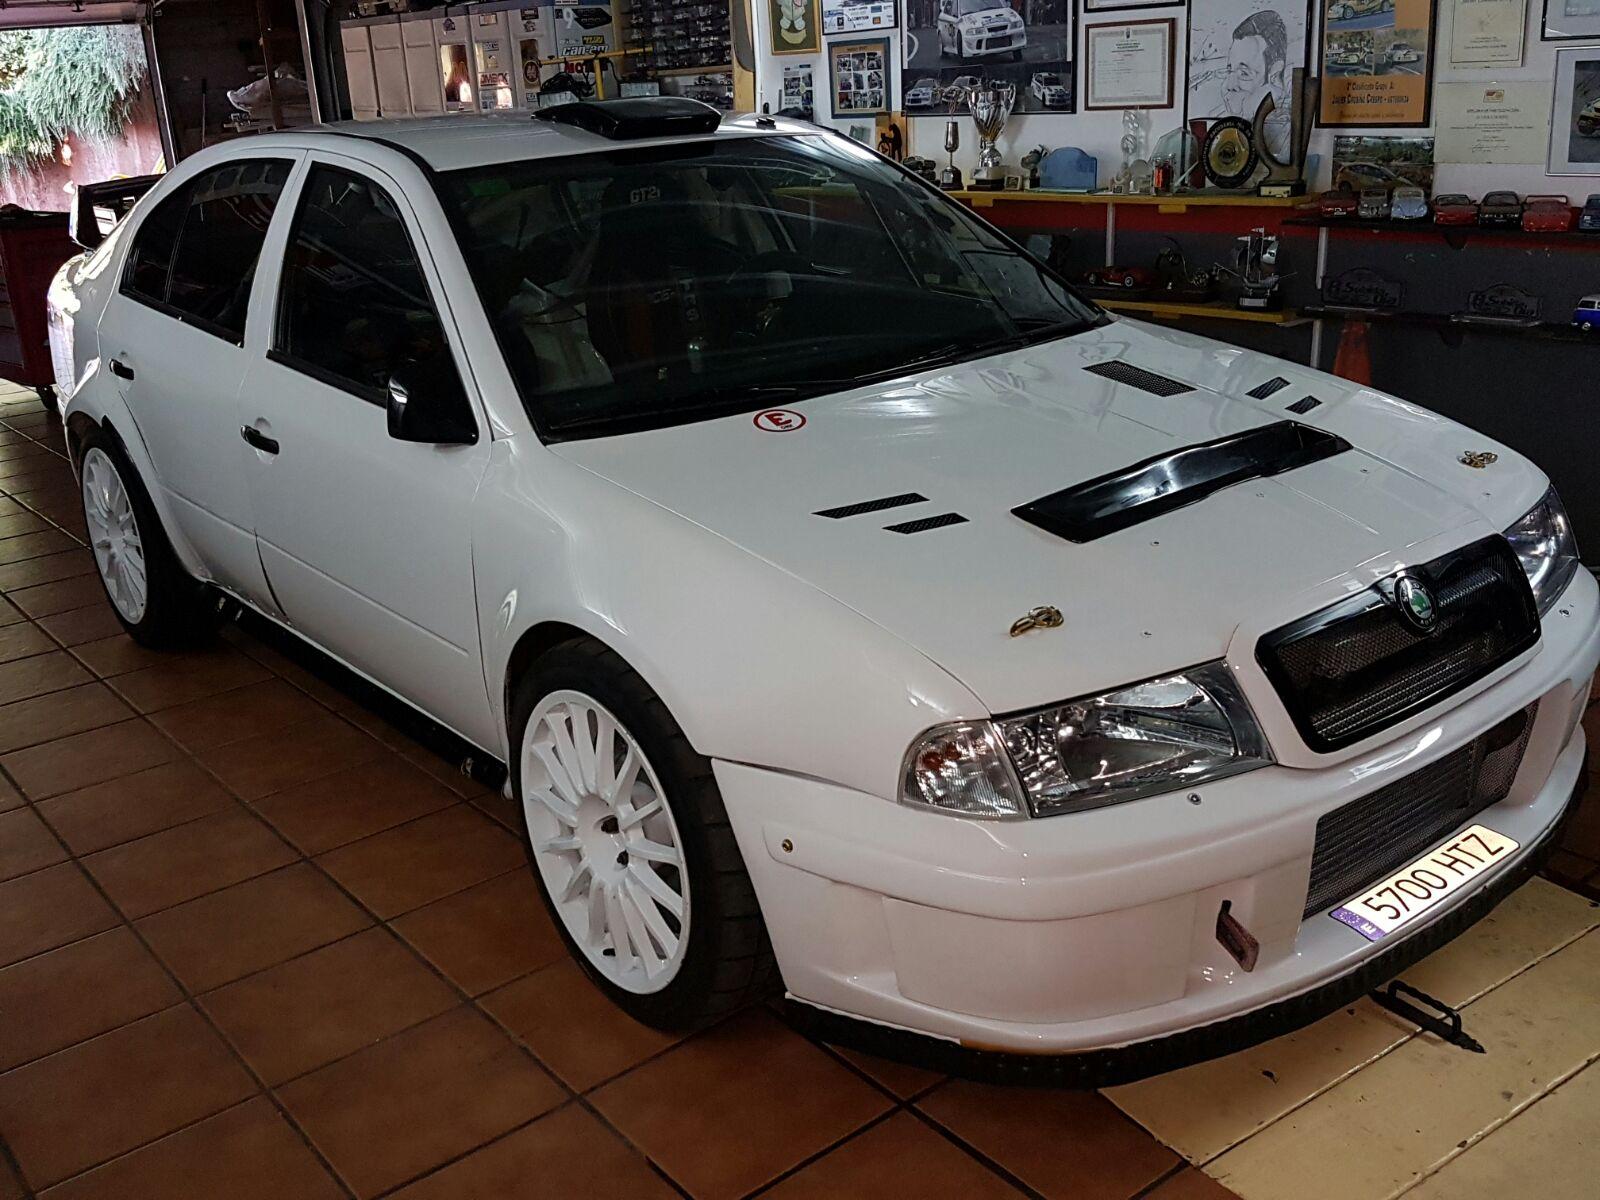 Skoda_Octavia_WRC_Evo_III_01